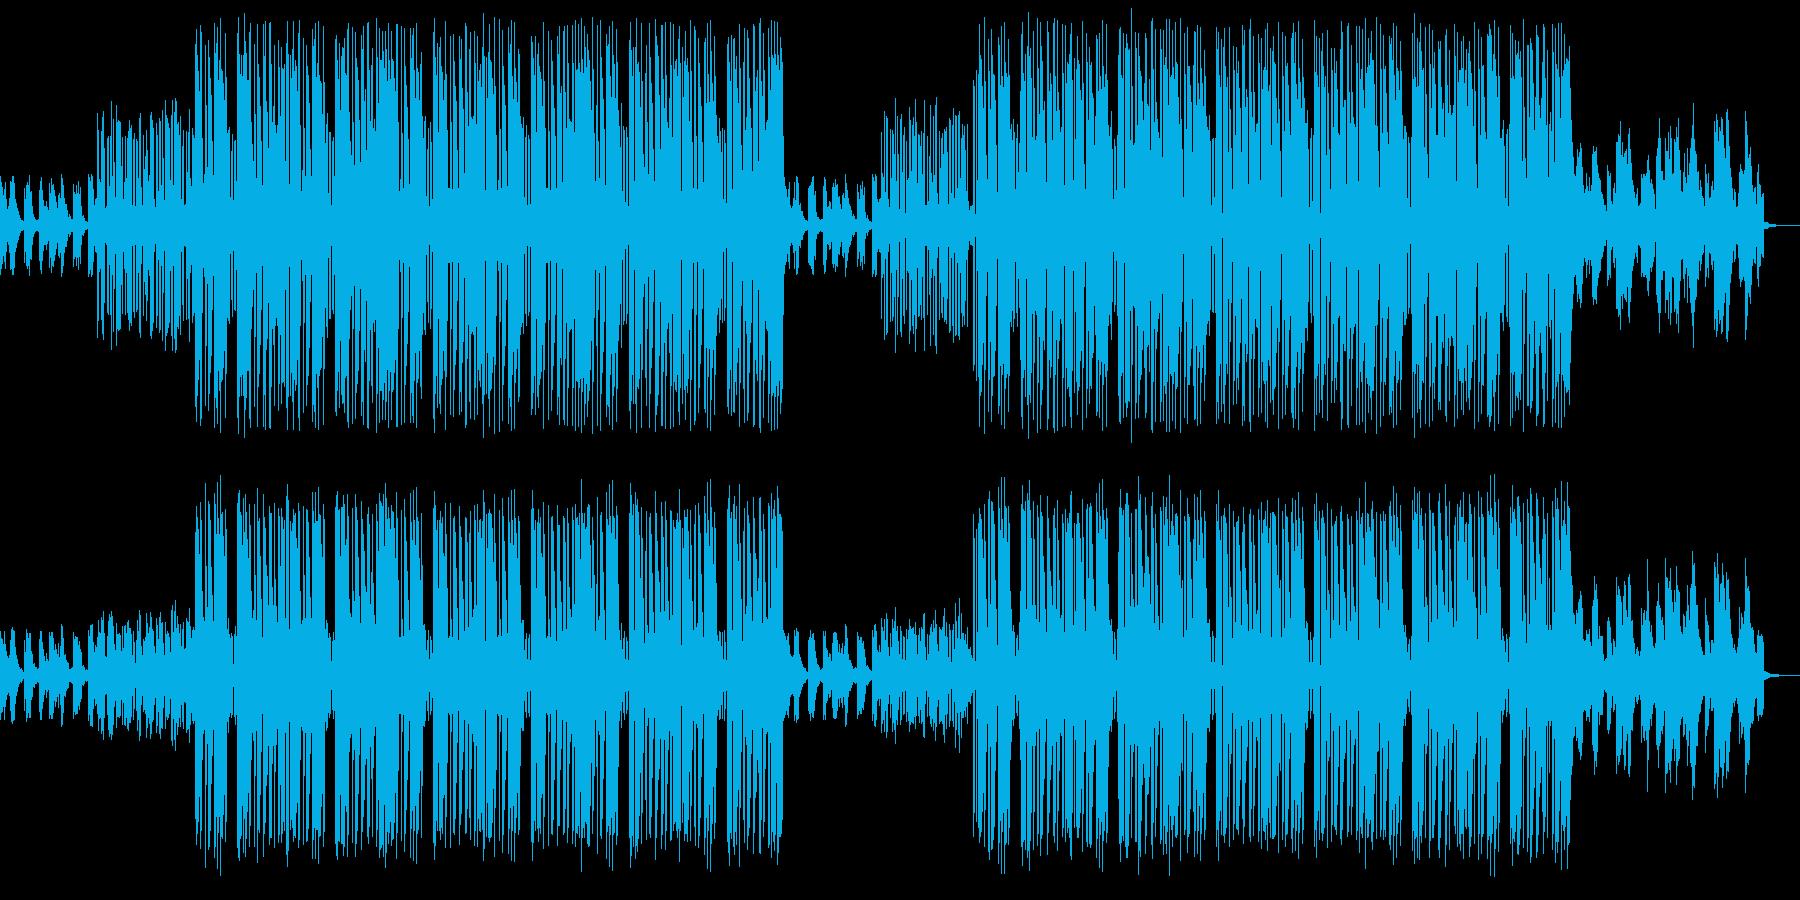 中華風木陰の休息Lofiトラップビートの再生済みの波形